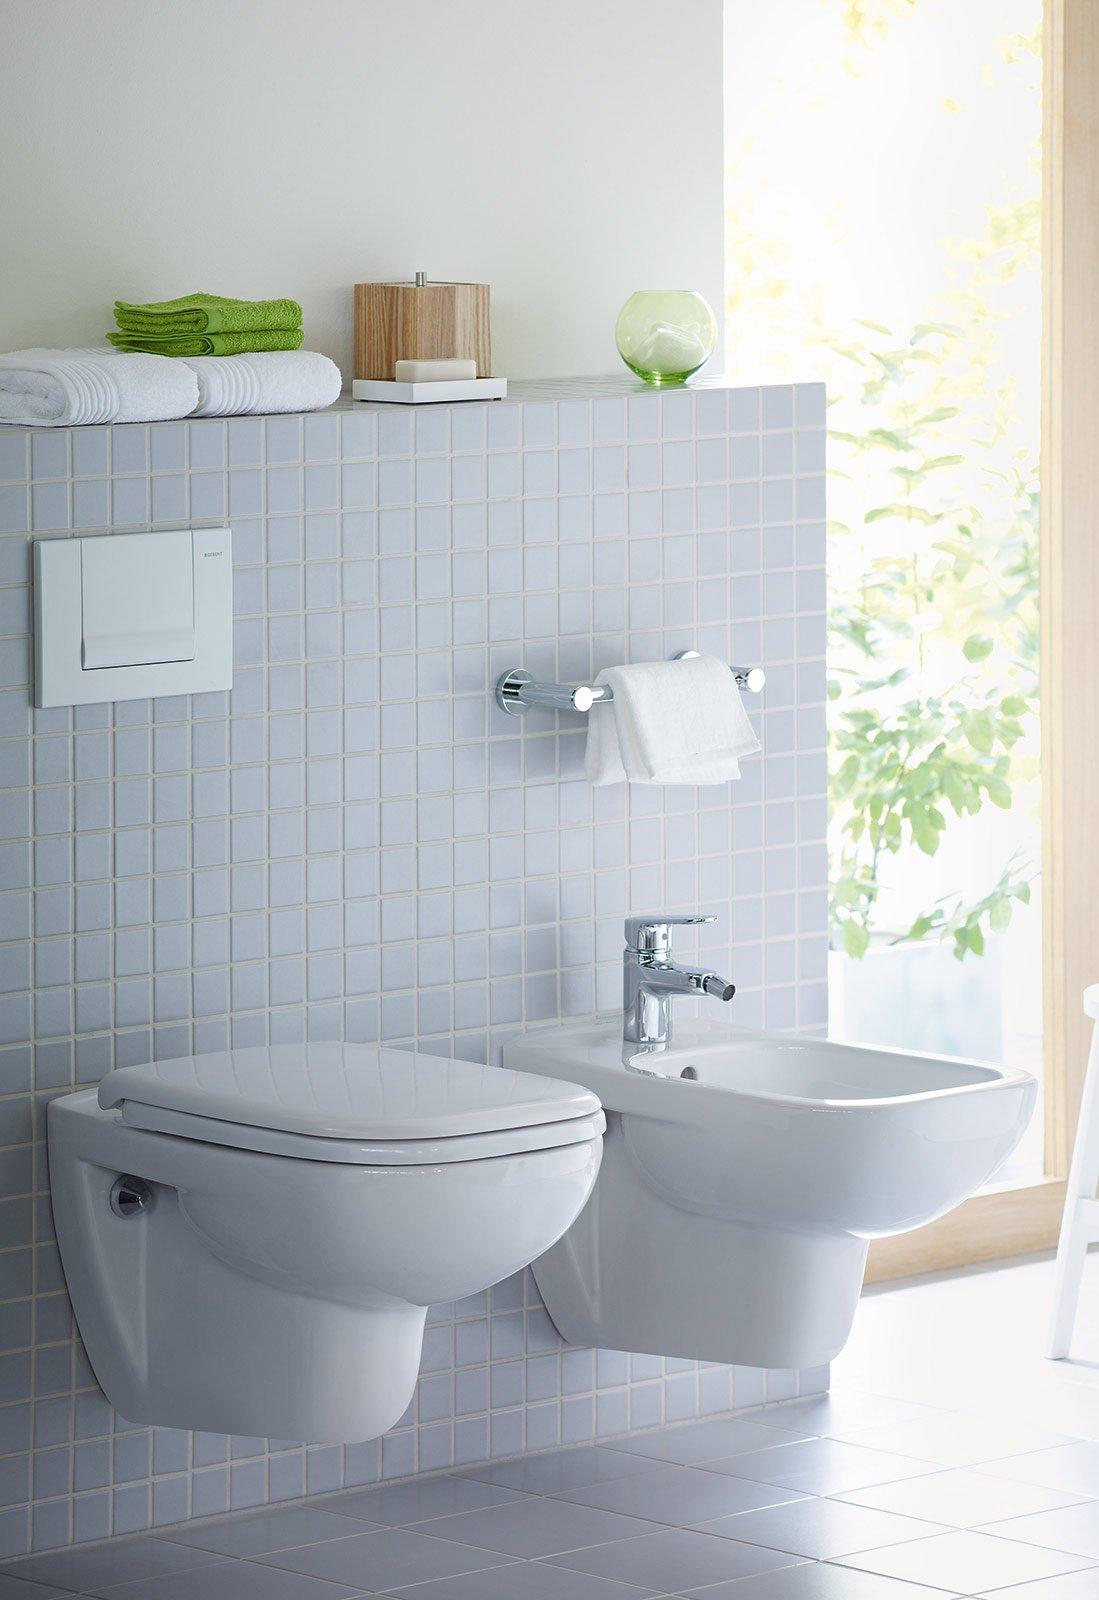 Sanitari vaso e bidet low cost cose di casa for Duravit sanitari